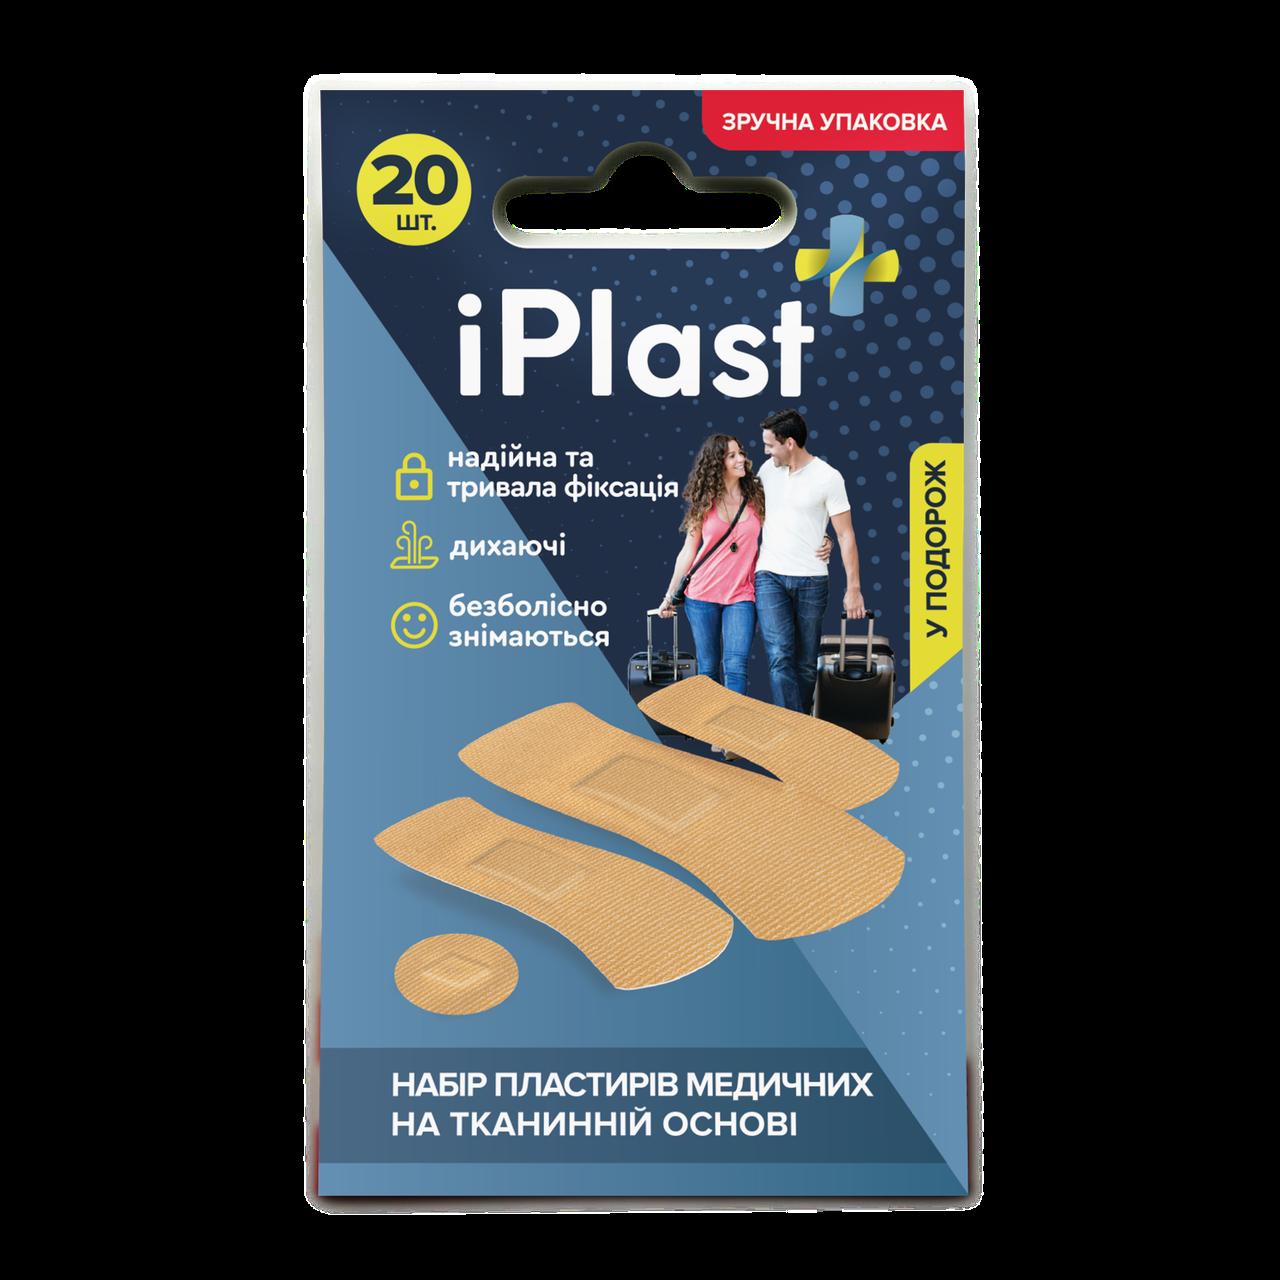 Набор Пластырь Медицинских на полимерной основе IPlast (Dr.Frei) (20 шт)